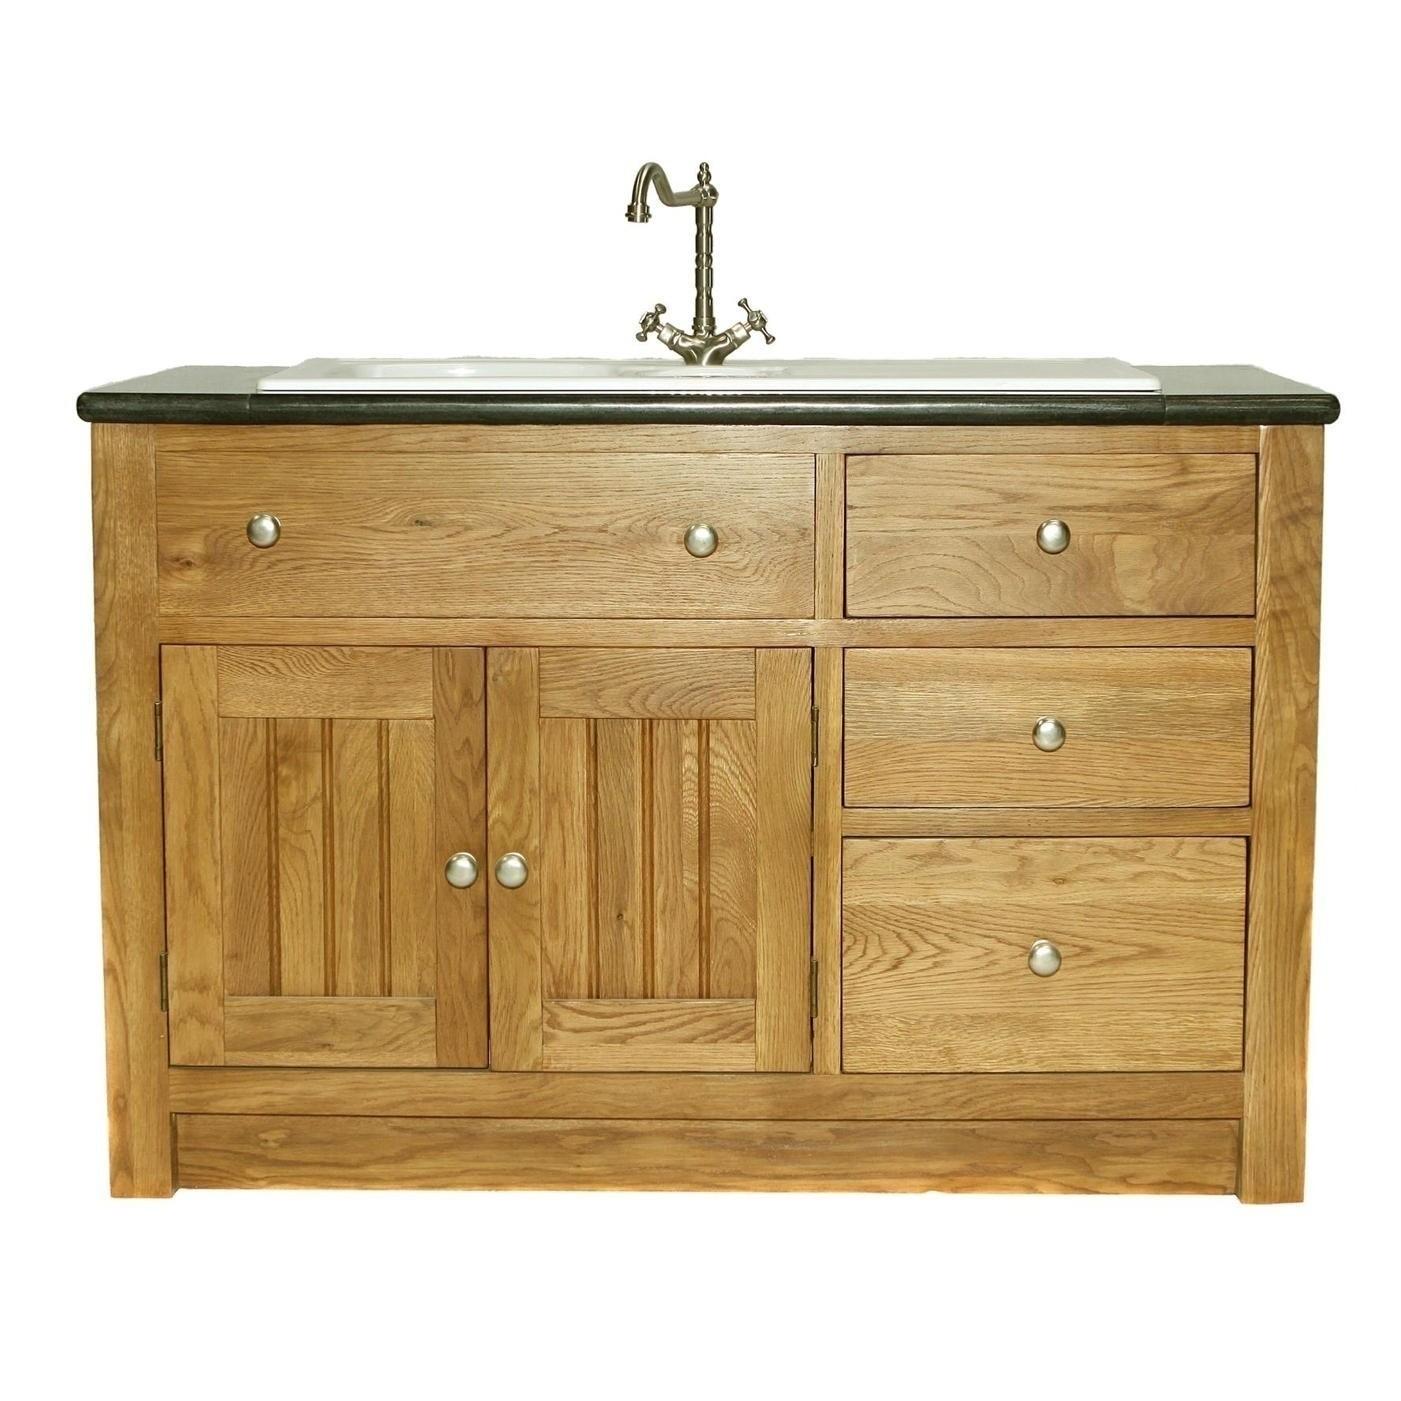 Free standing kitchen sink cabinet modern kitchen storage Free standing bathroom sink cabinets